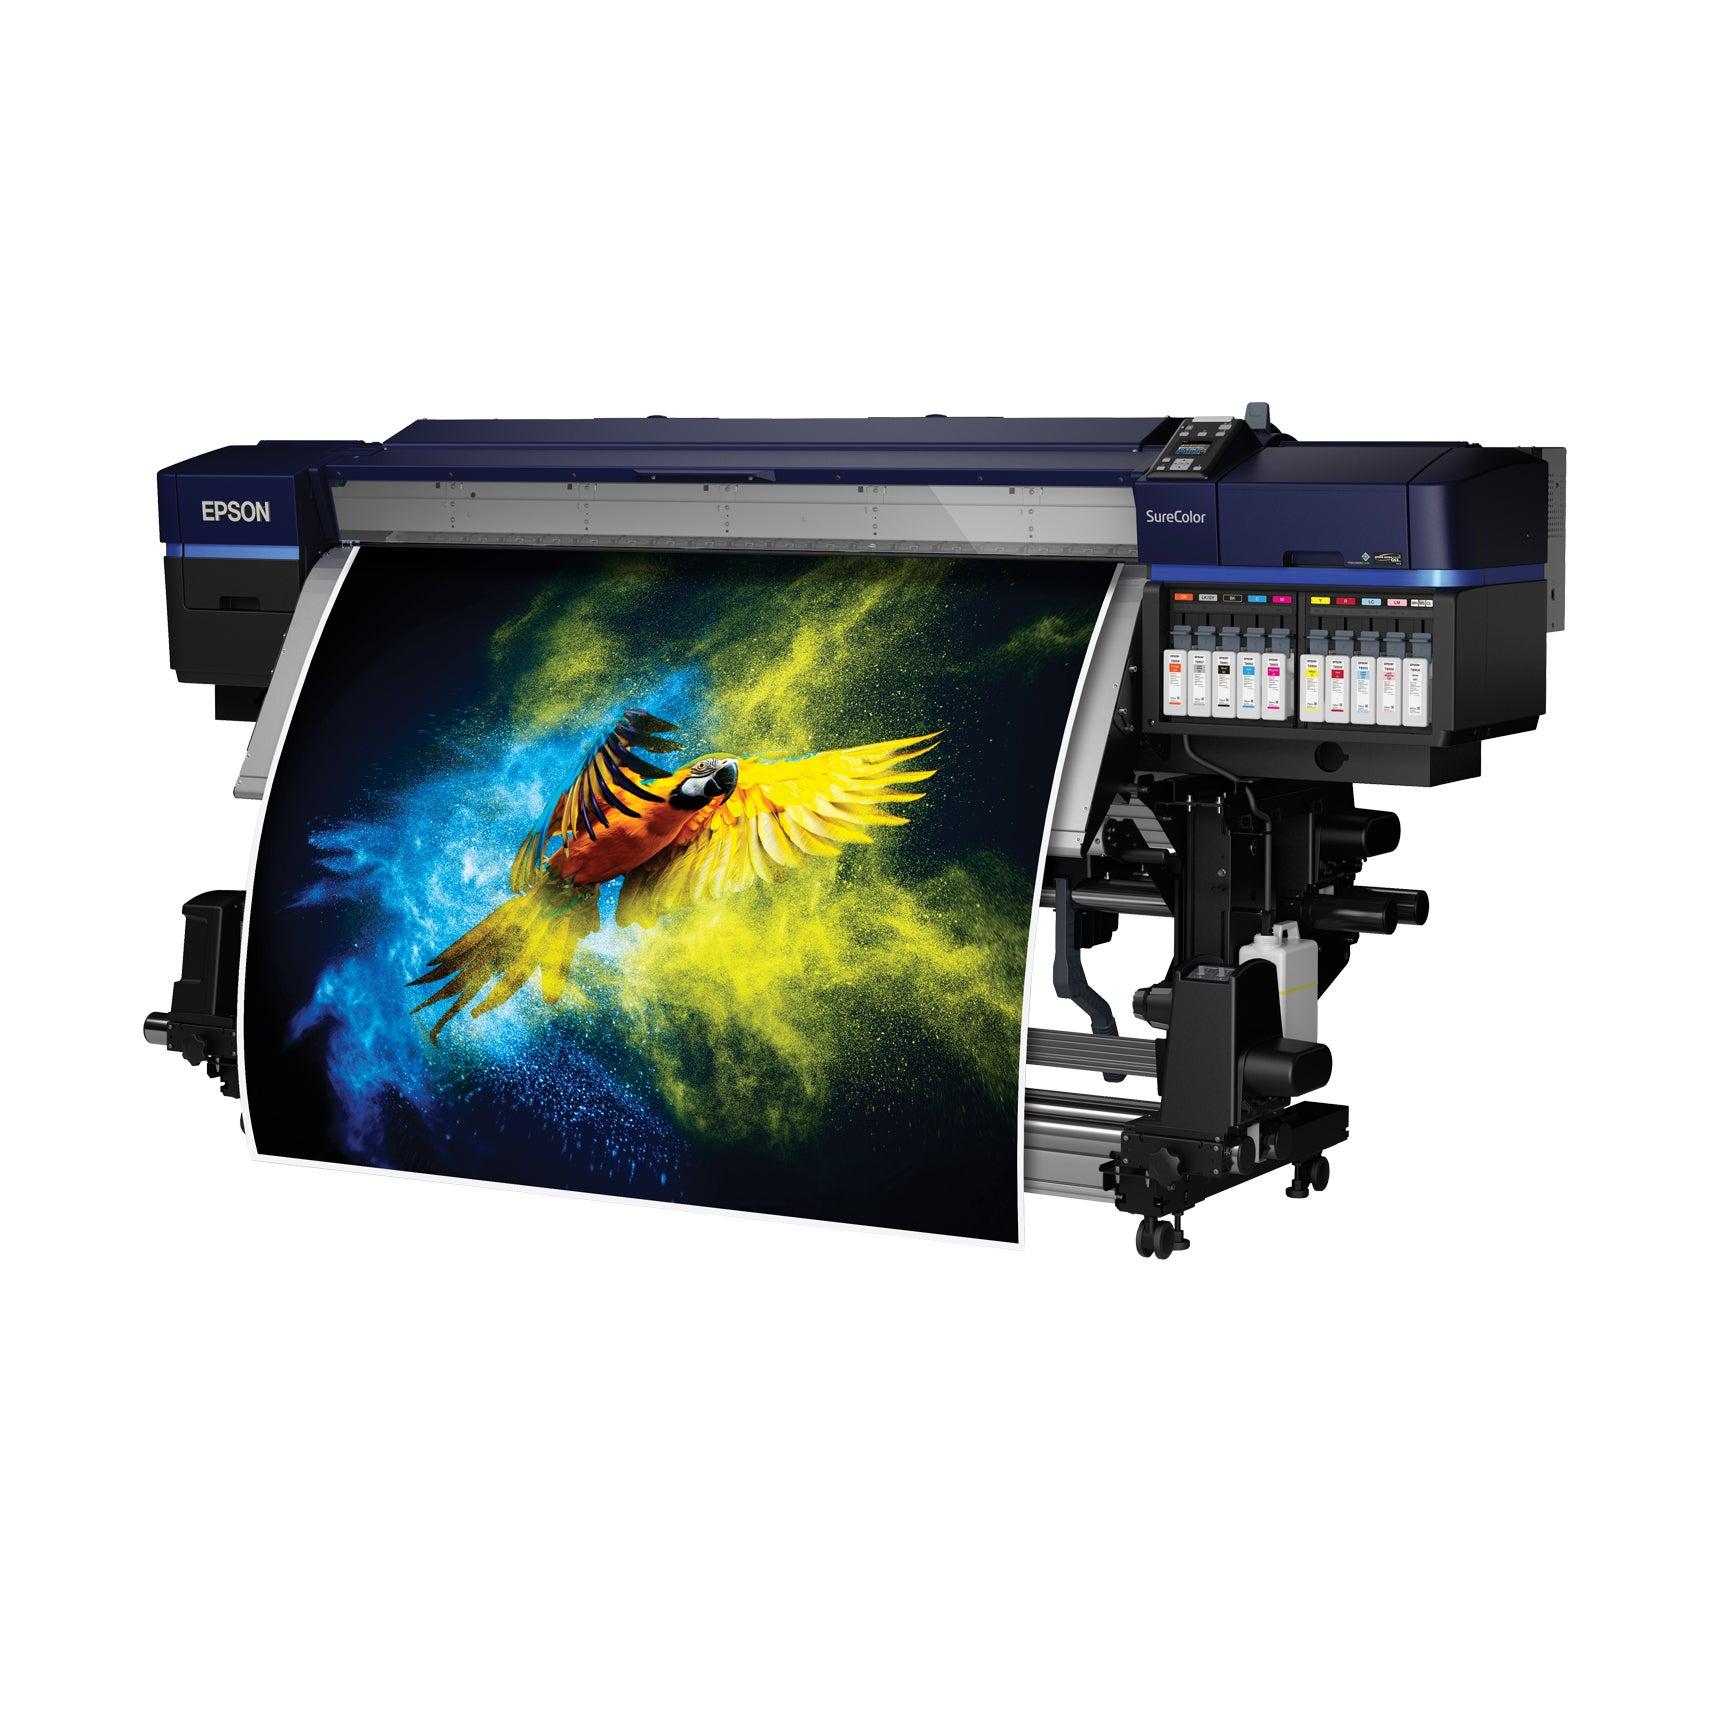 epson surecolor sc-80600 image key features